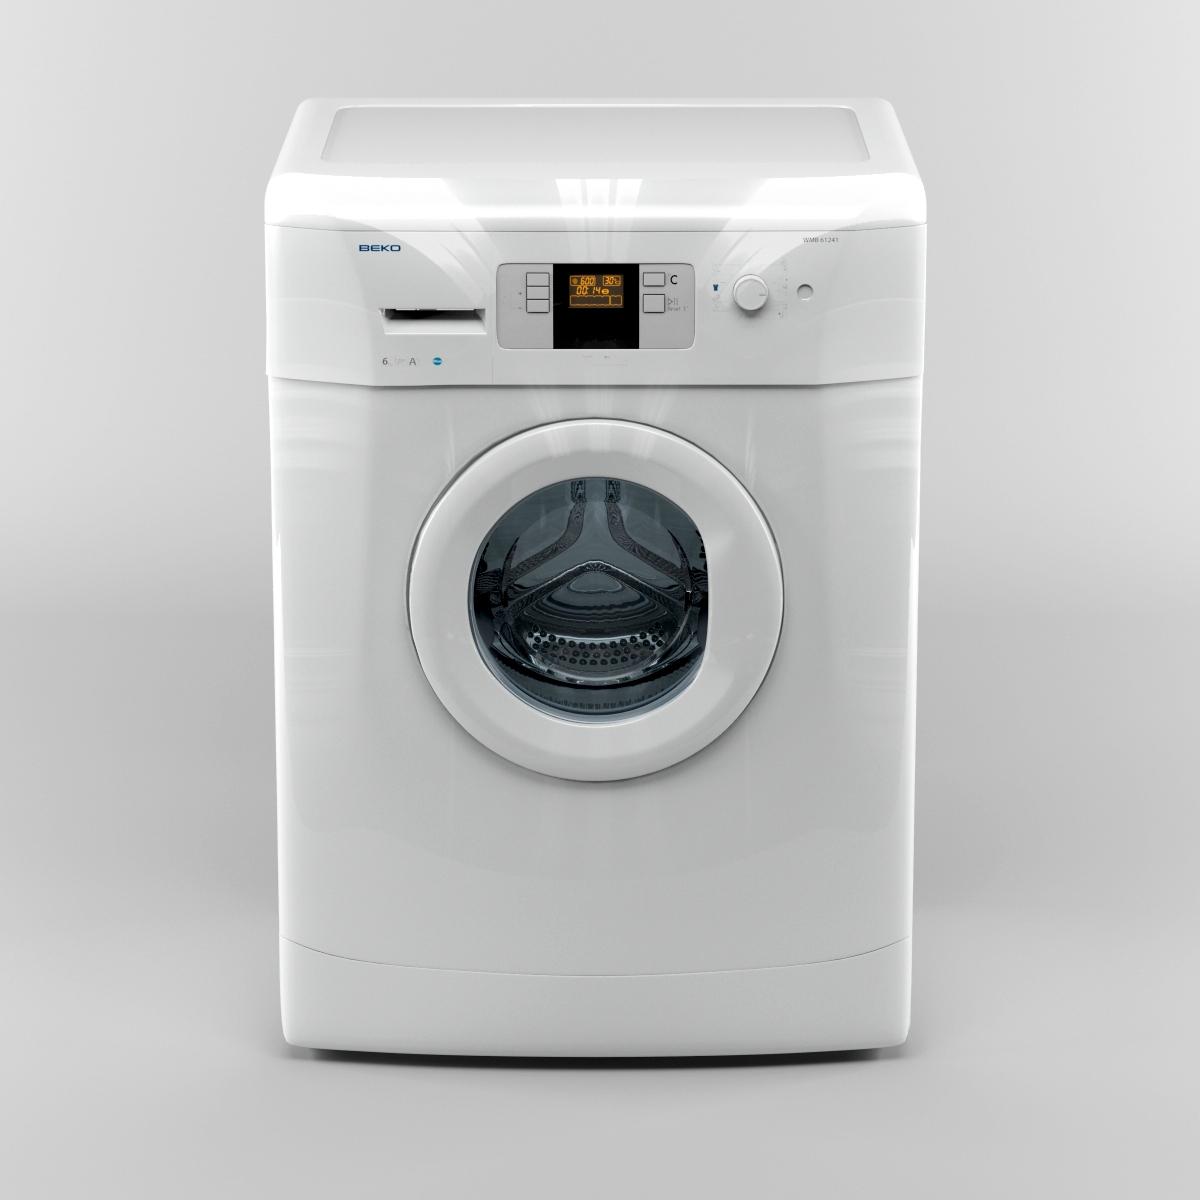 Beko Washing Machine 3d Model Wiring Diagram 08 42 33 706 10000 4